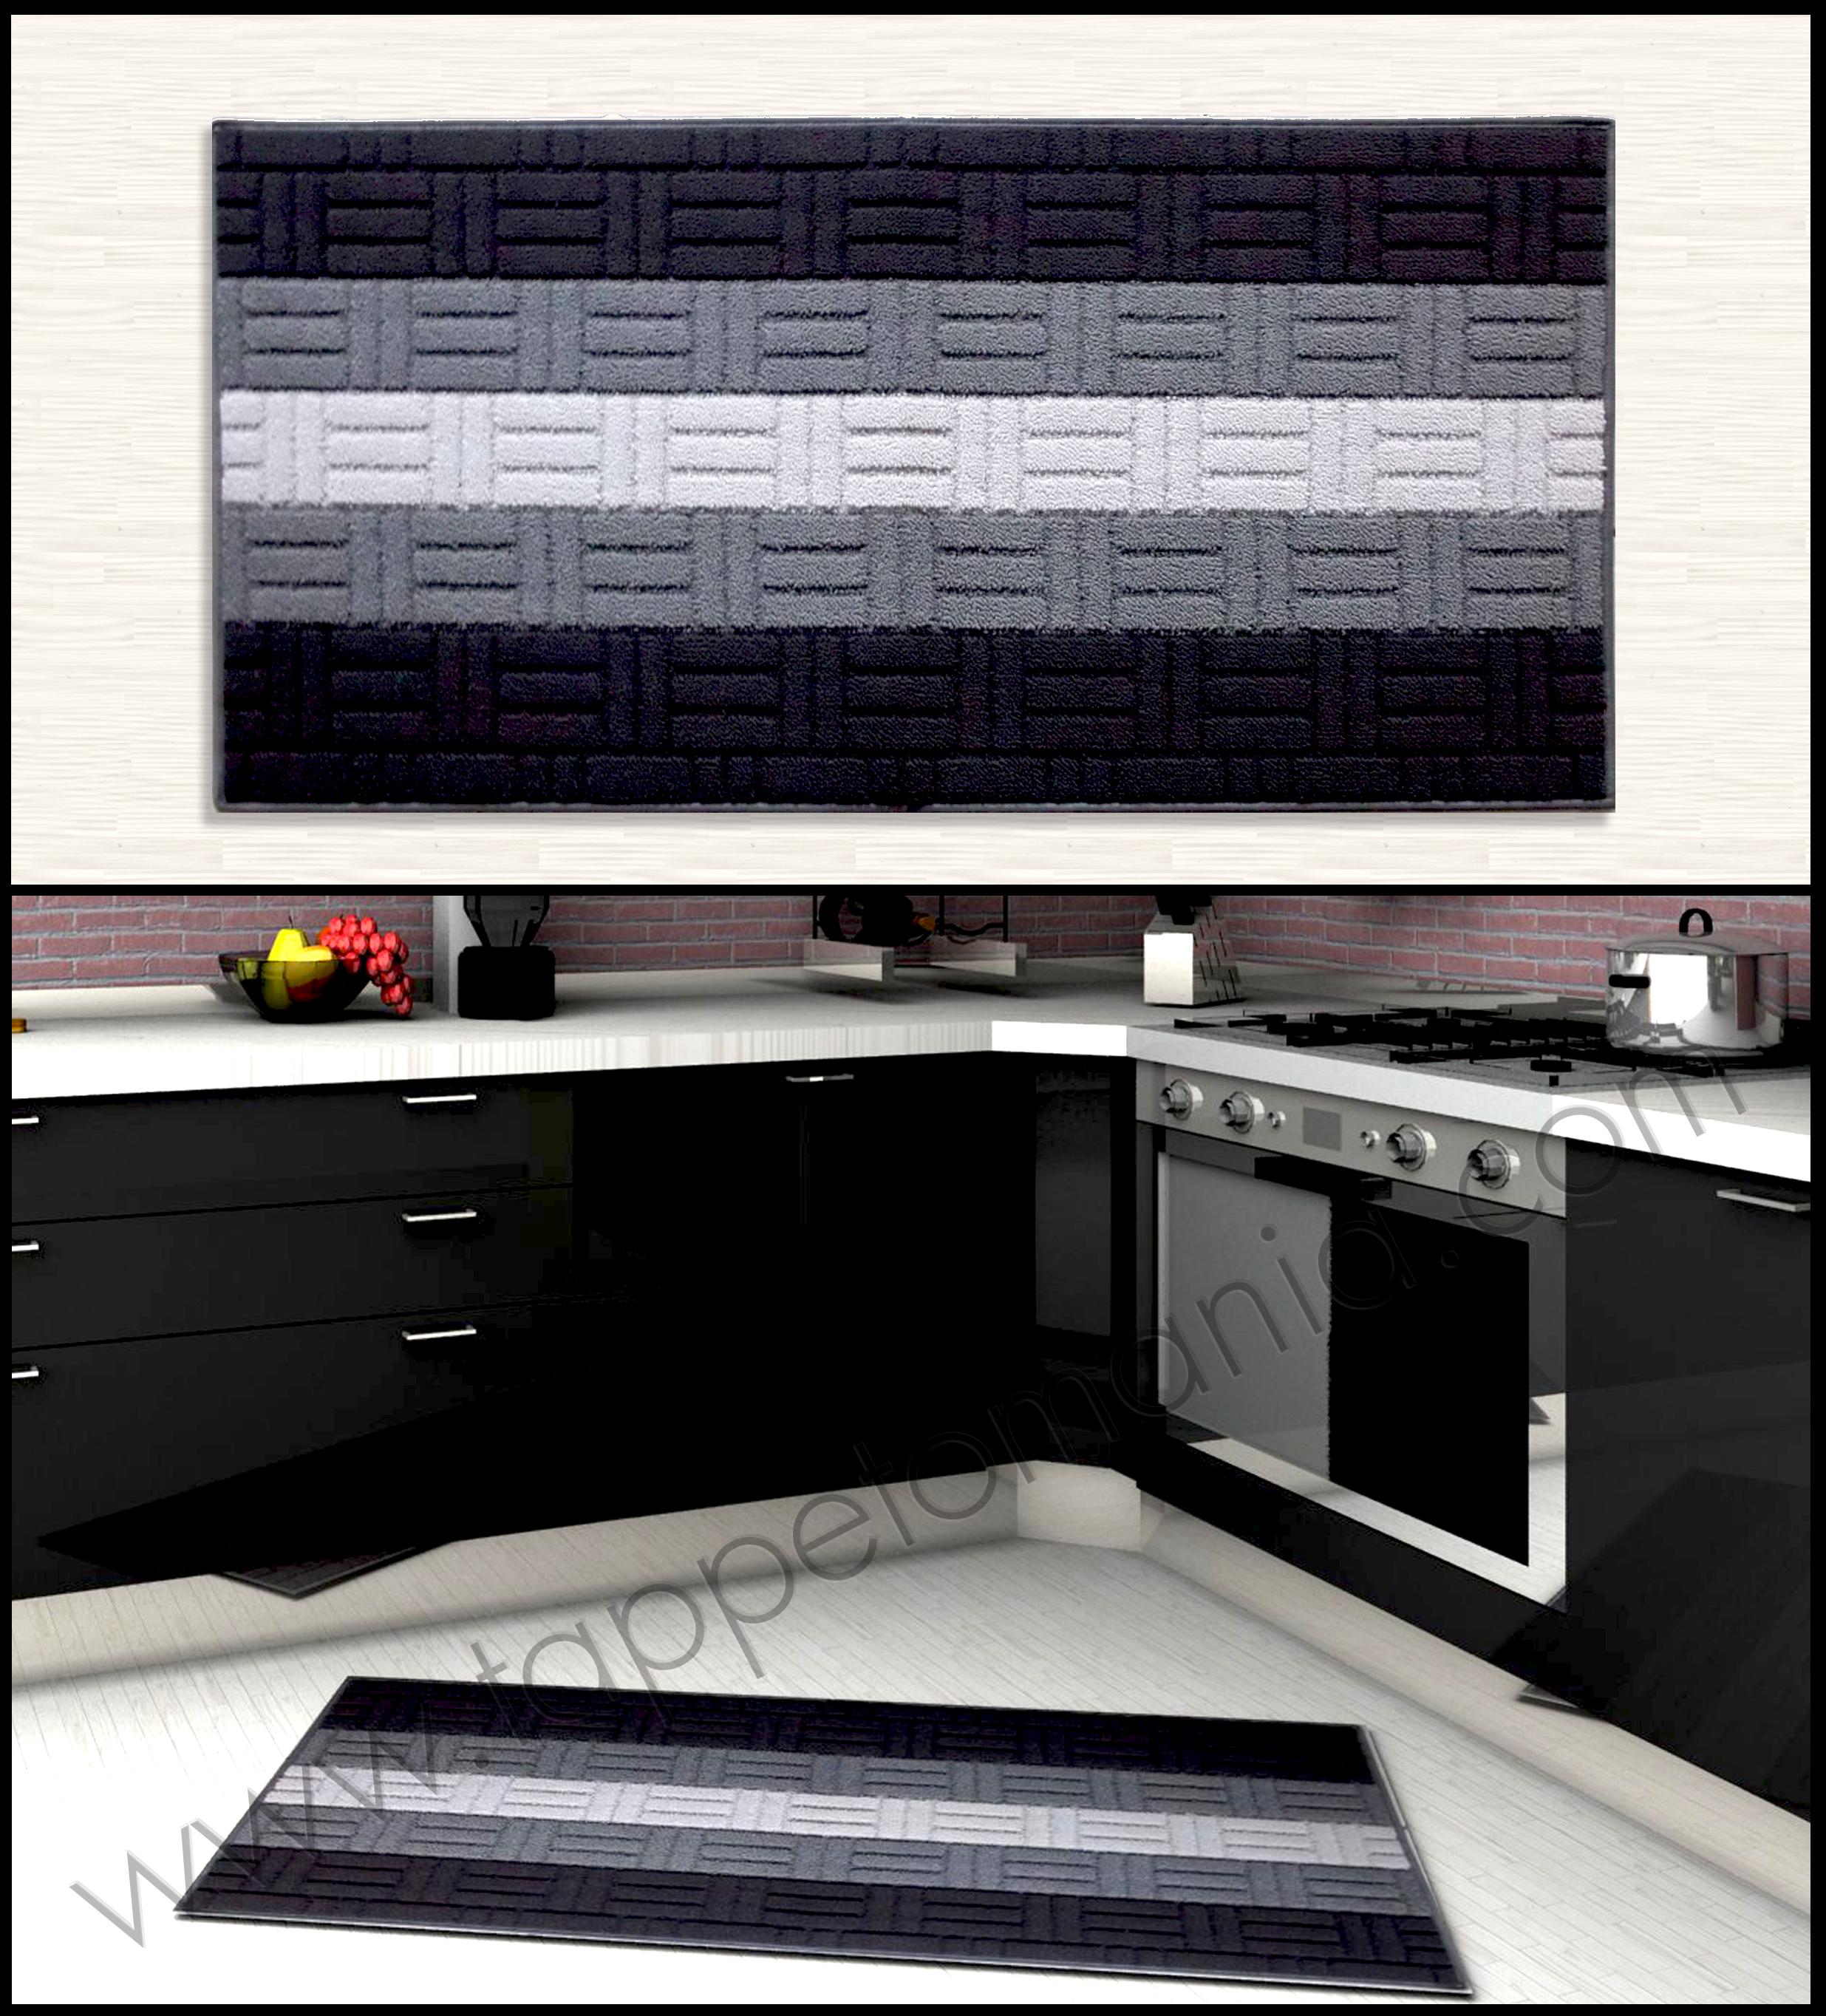 tappeto per la cucina on line a prezzi bassi righe bianche grigie nere on line